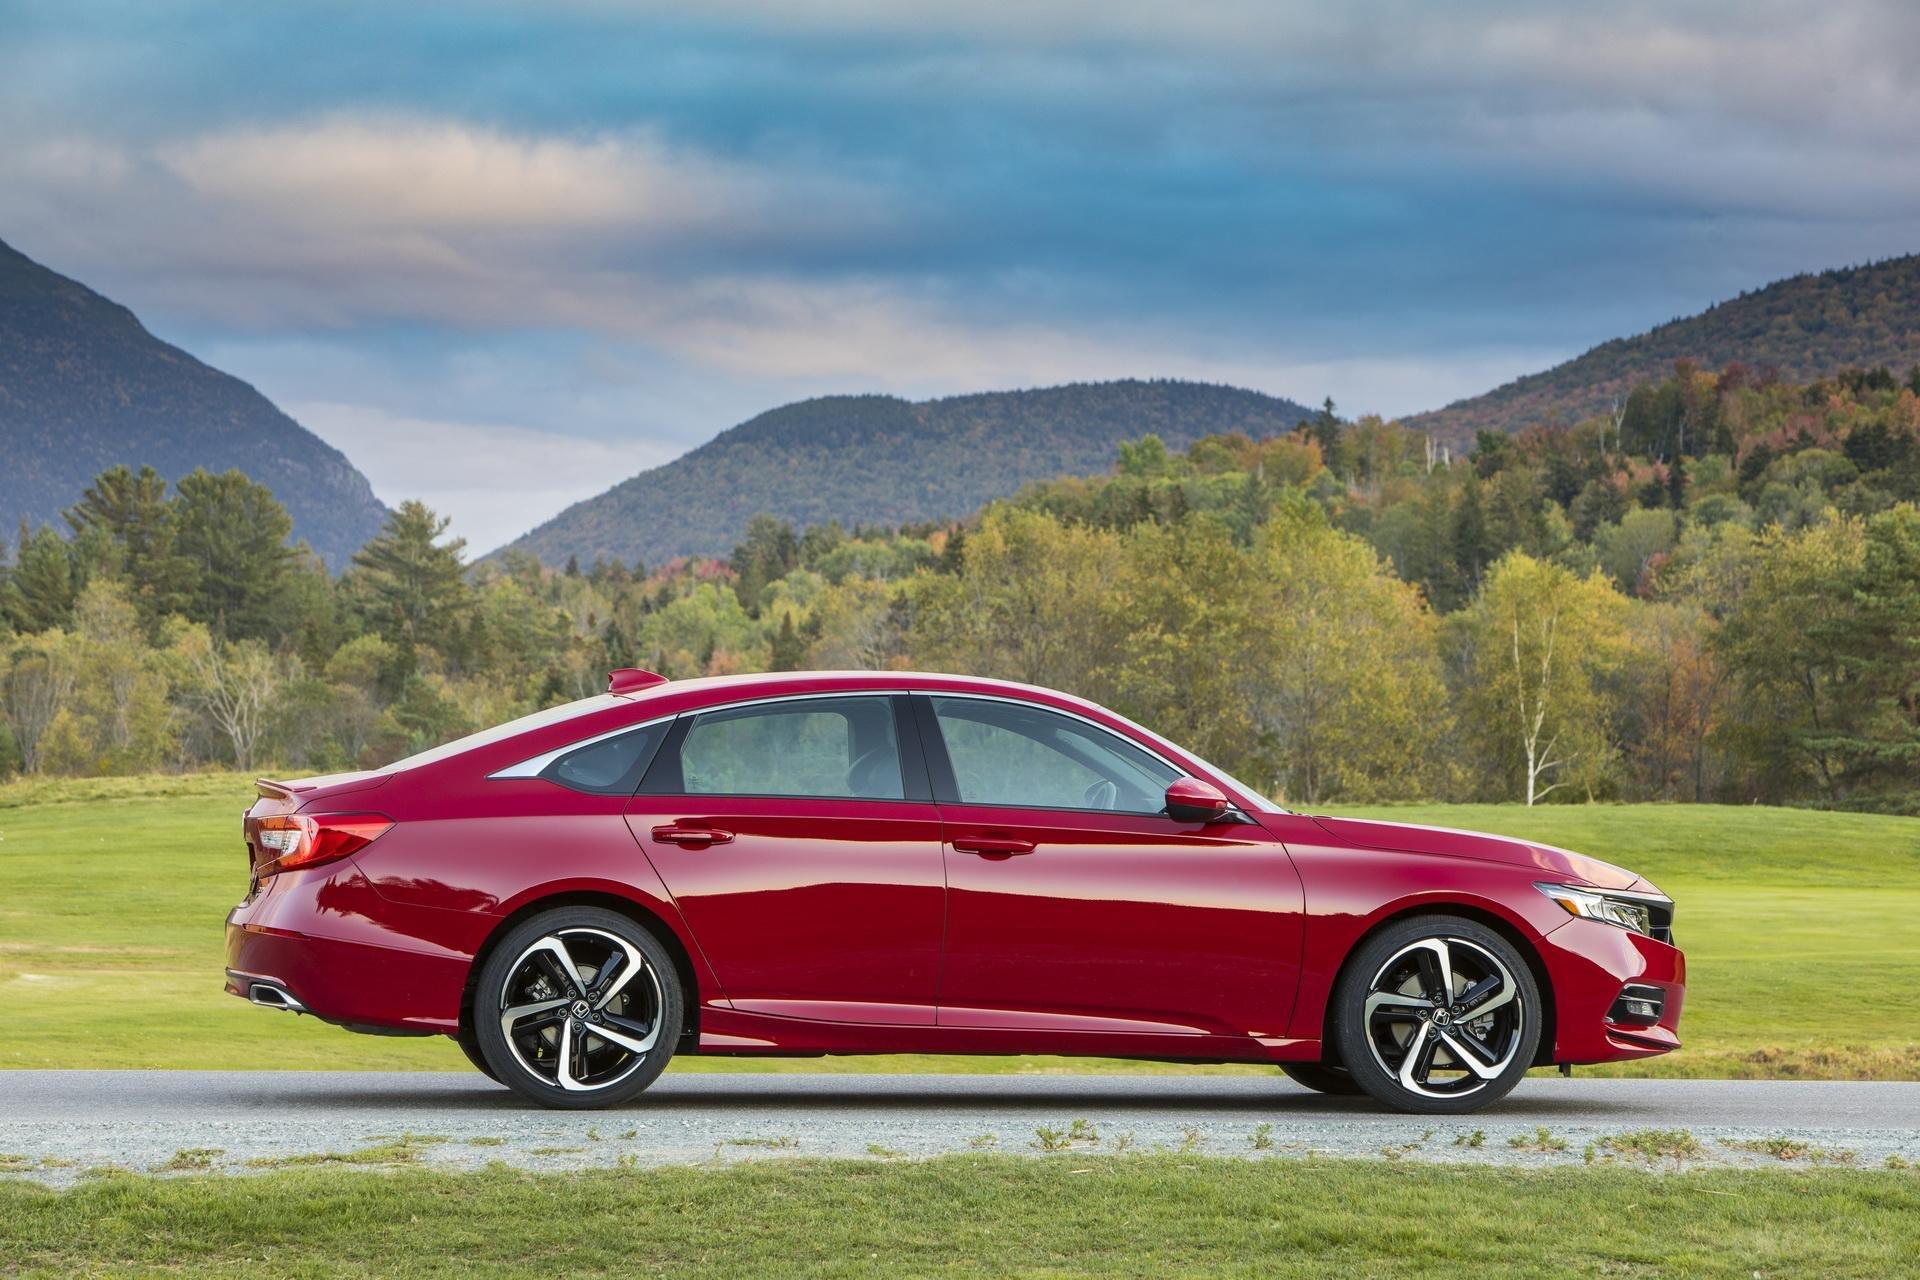 Đánh giá xe Honda Accord 2019 Sport  - góc chính diện thân xe